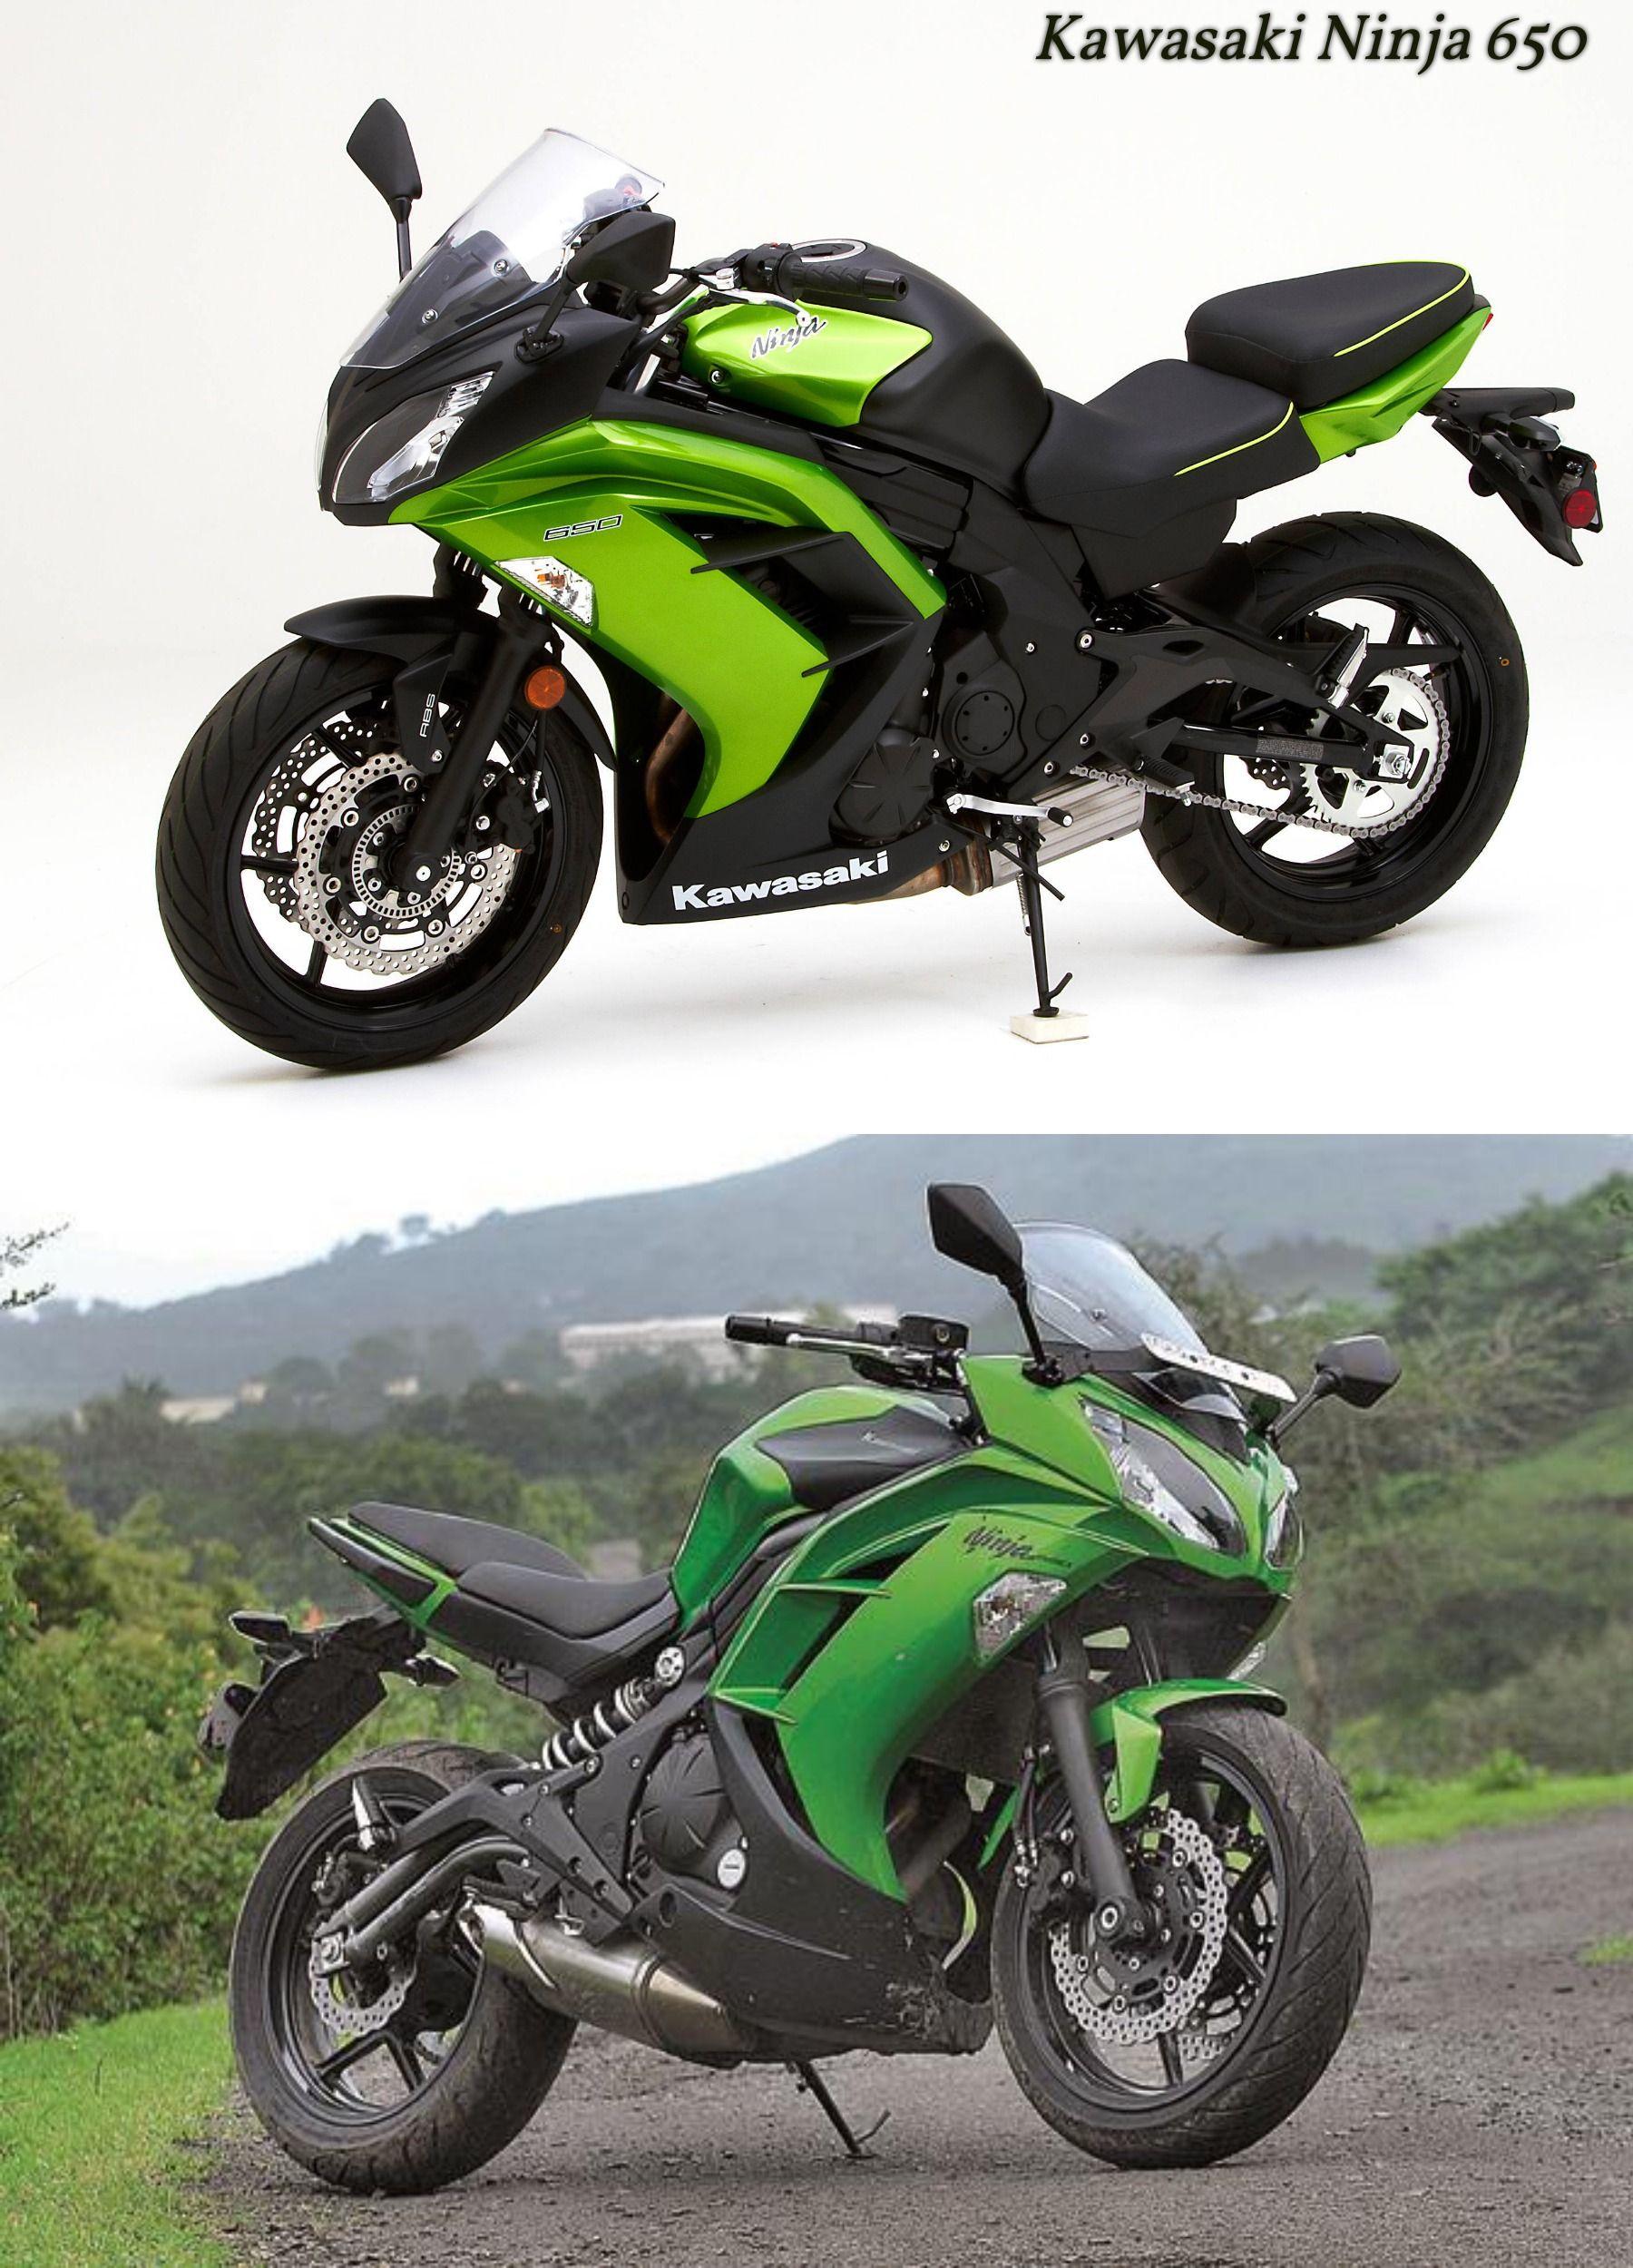 Kawasaki Ninja 650 Sales Upsurge Due to Price Slash